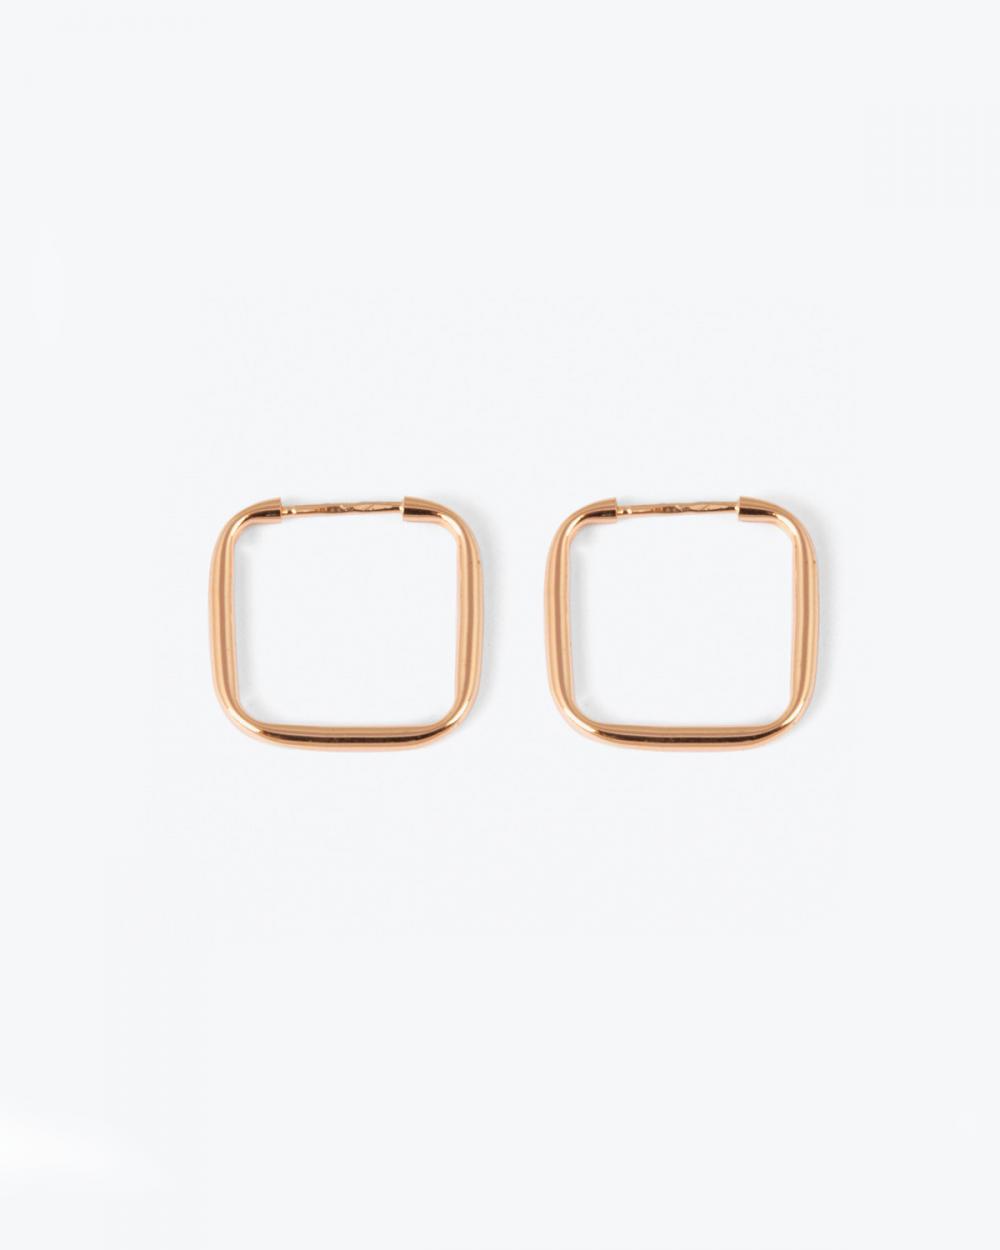 Earrings PINK GOLD SQUARE HOOP PAIR EARRINGS NOVE25